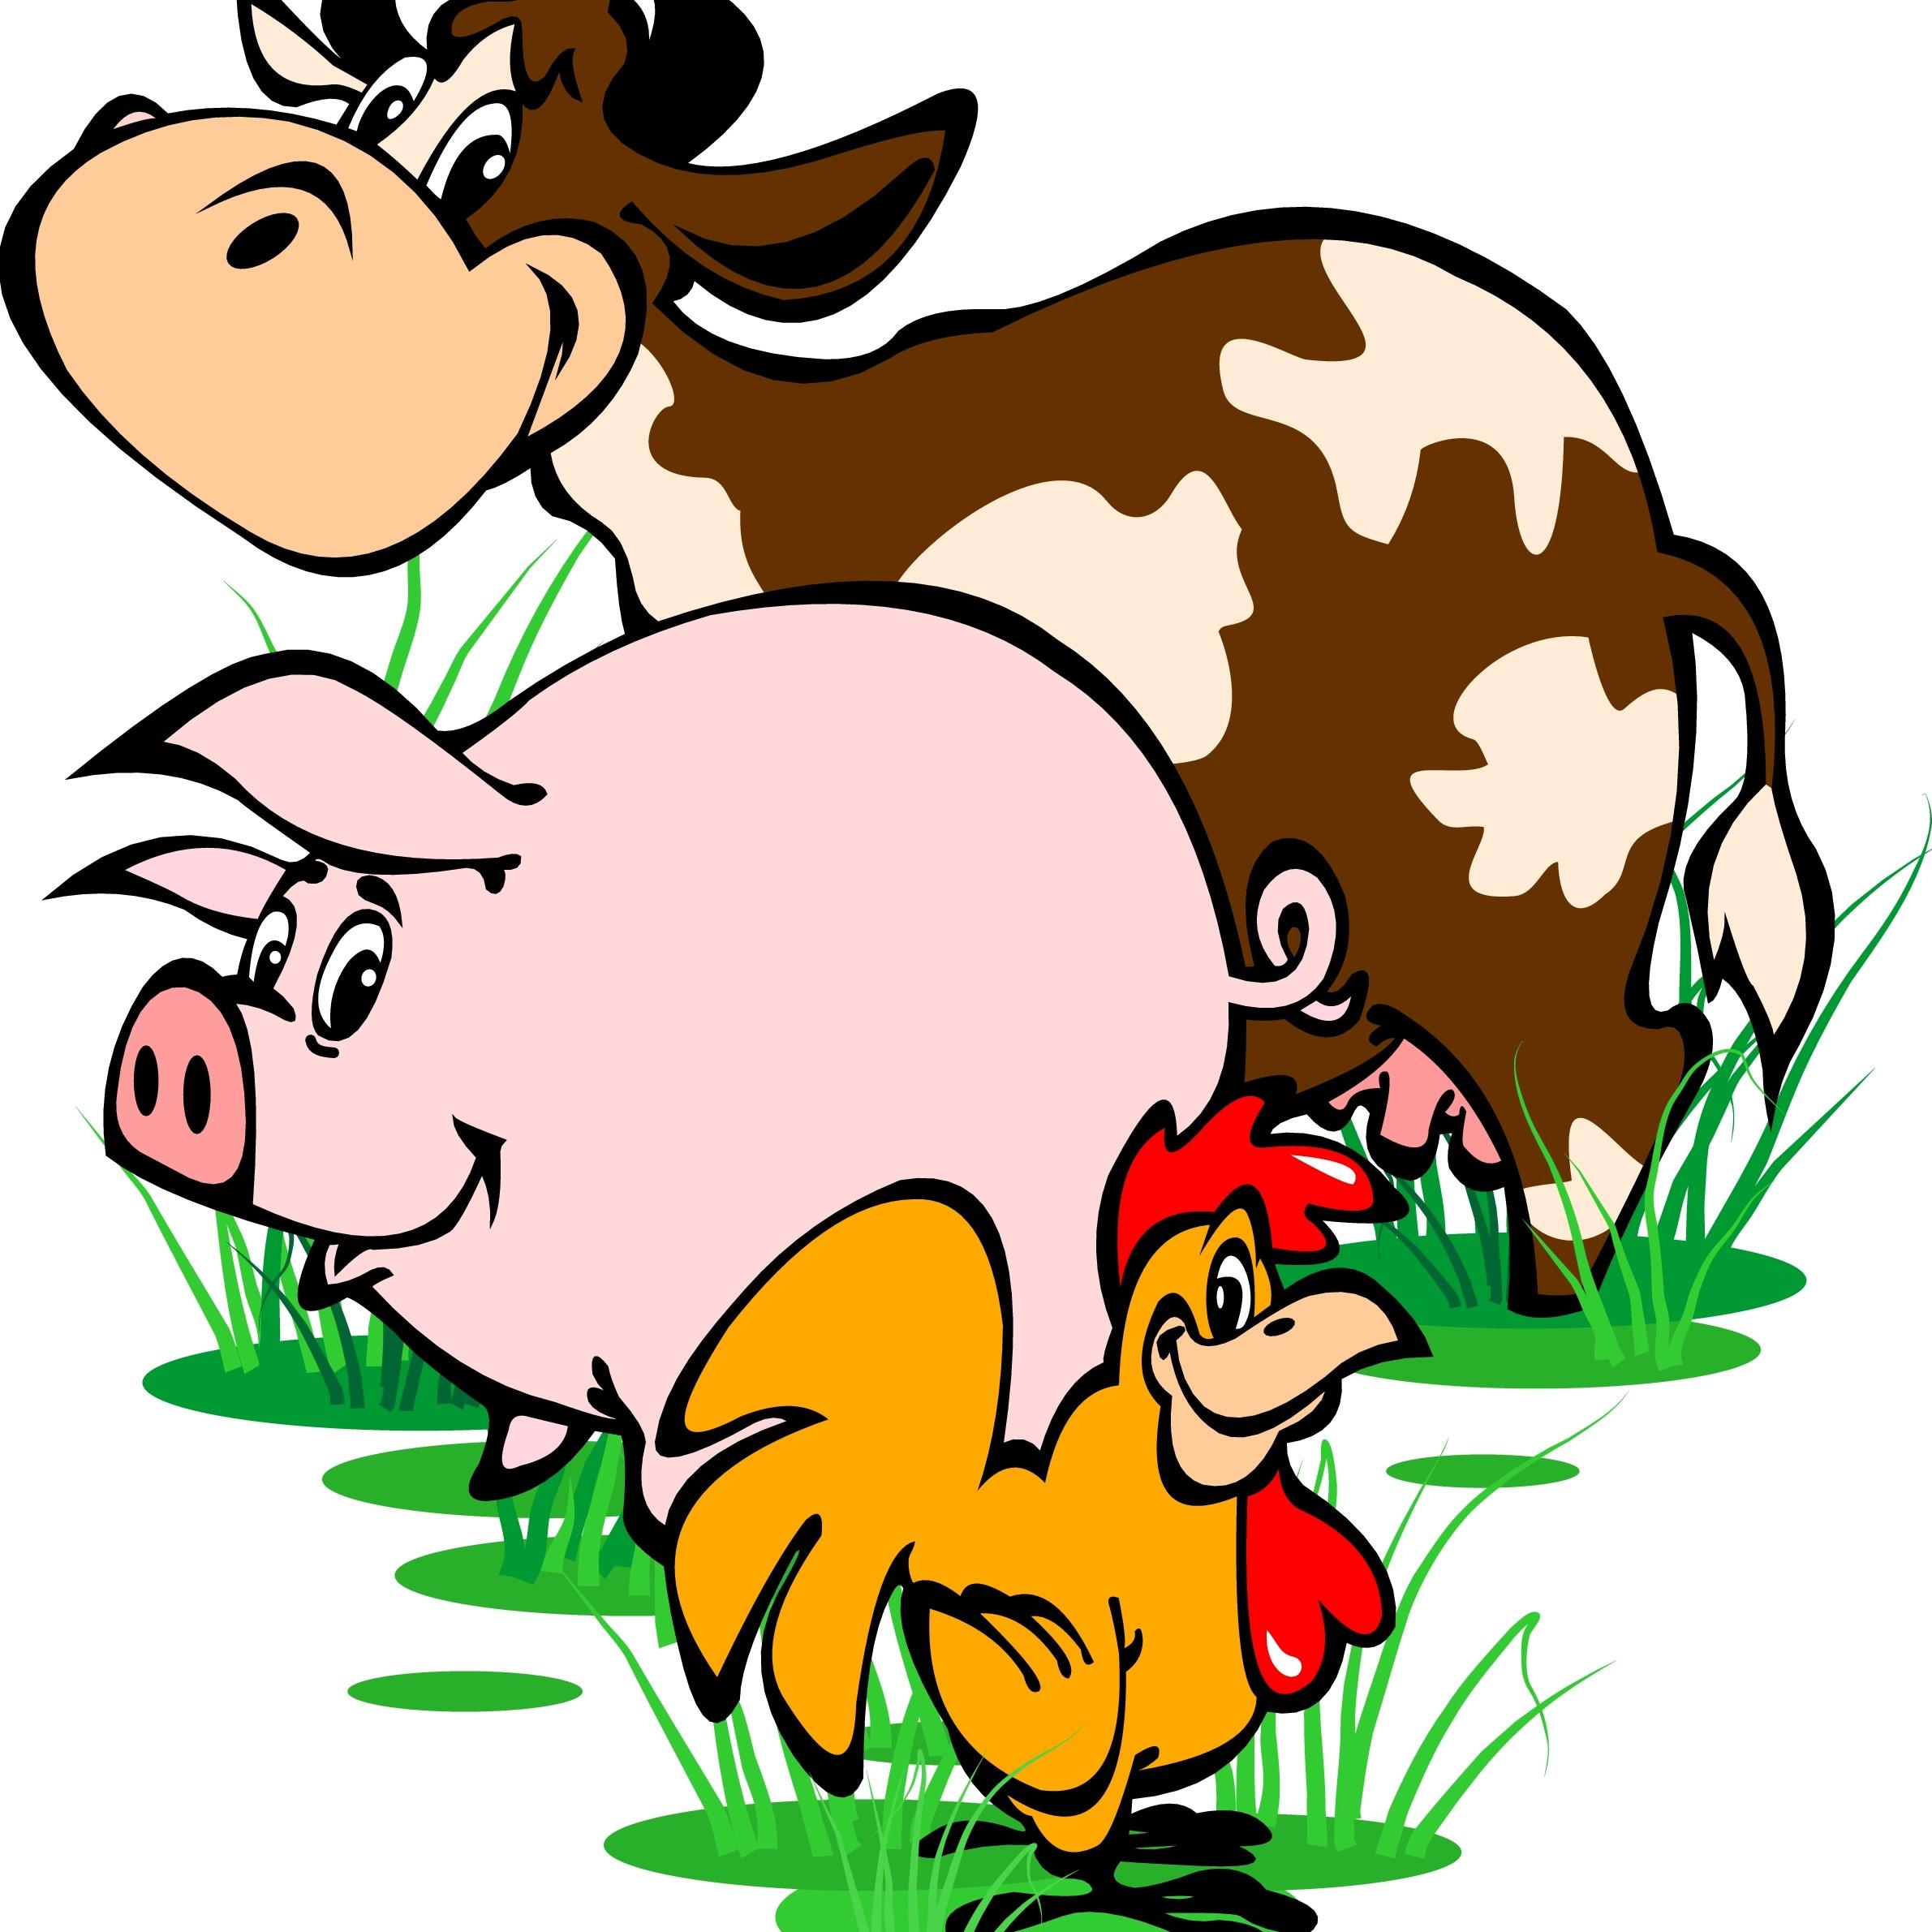 Landbrug illustration med dyr